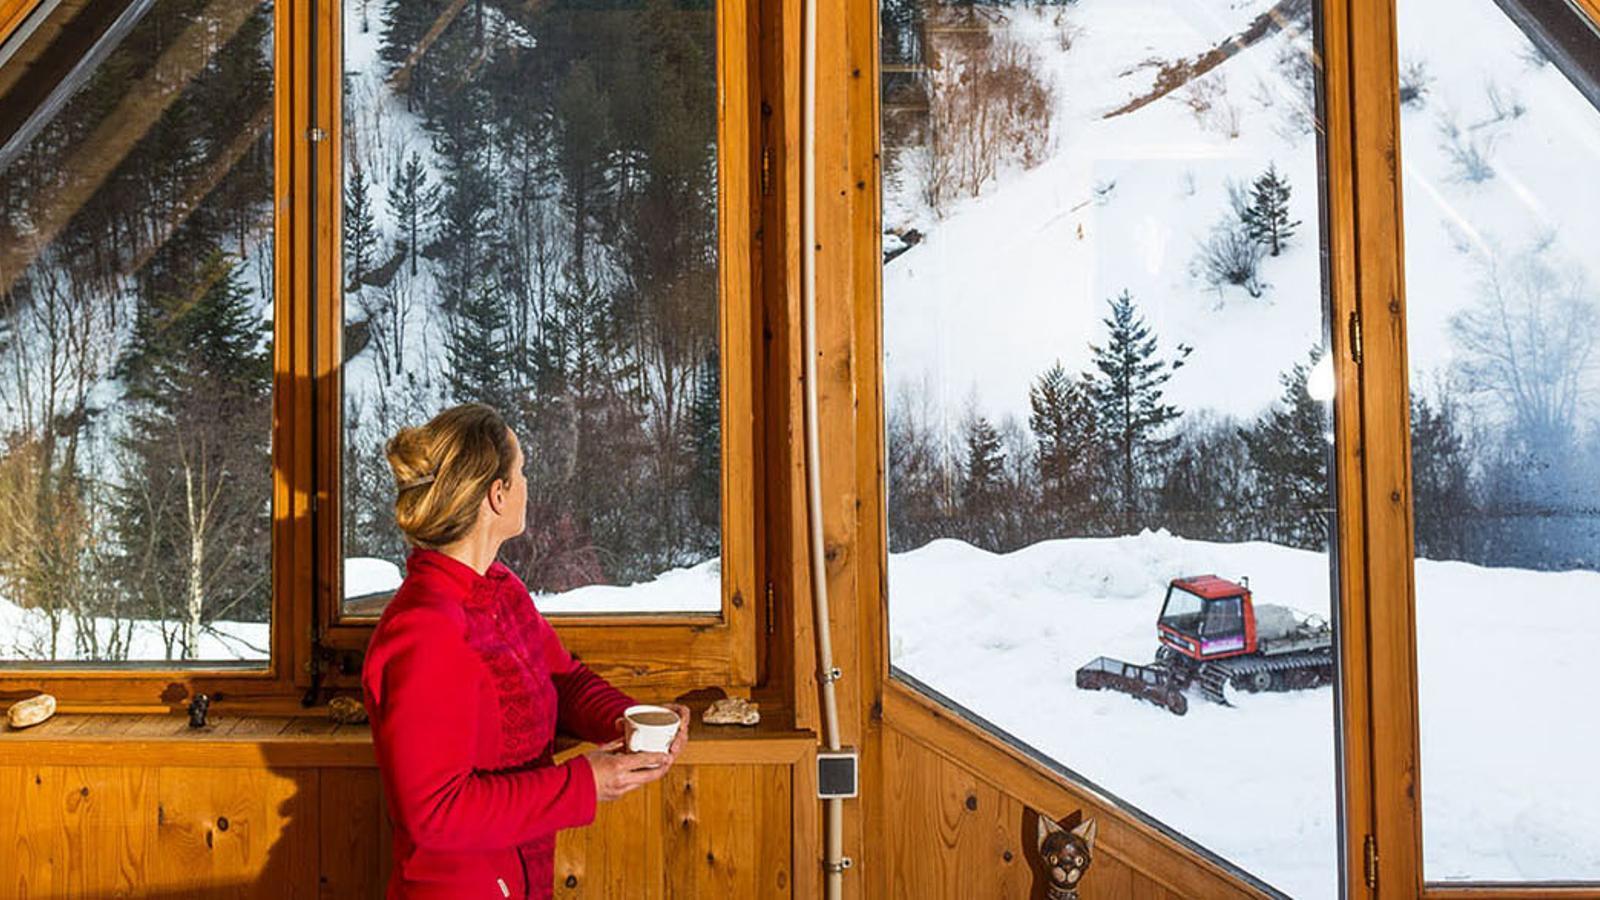 Vistes hivernals des de l'interior del refugi del Fornet